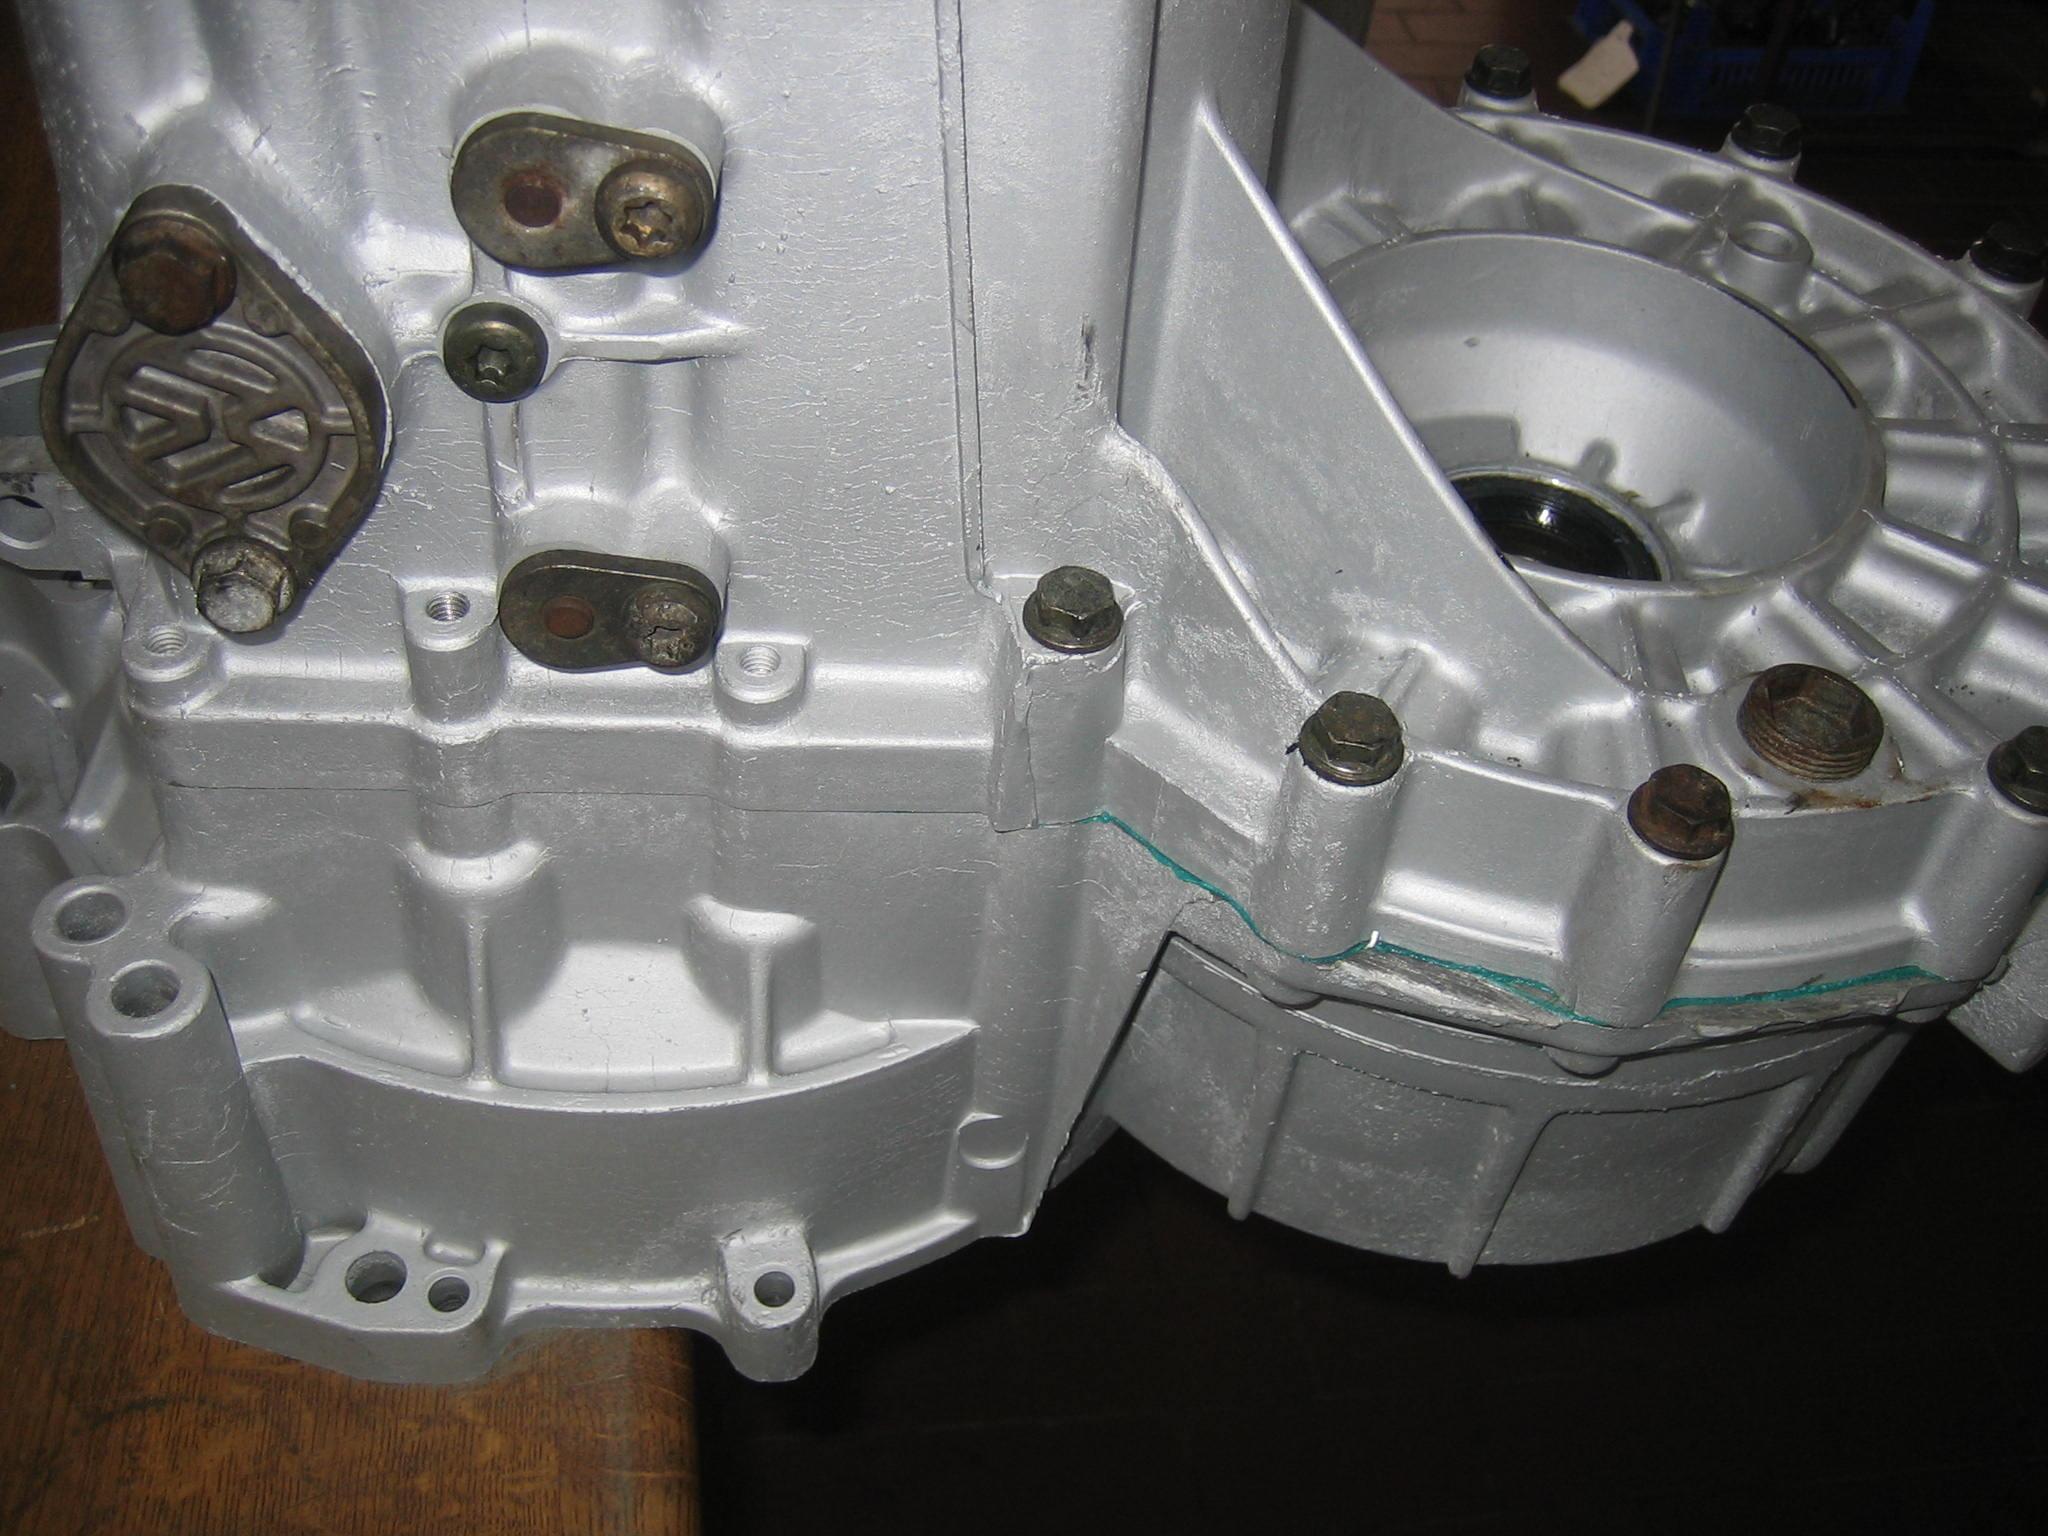 vw t4 u t5 getriebeinstandsetzung bei motoren staab auf dieser seite finden sie alle bei uns. Black Bedroom Furniture Sets. Home Design Ideas